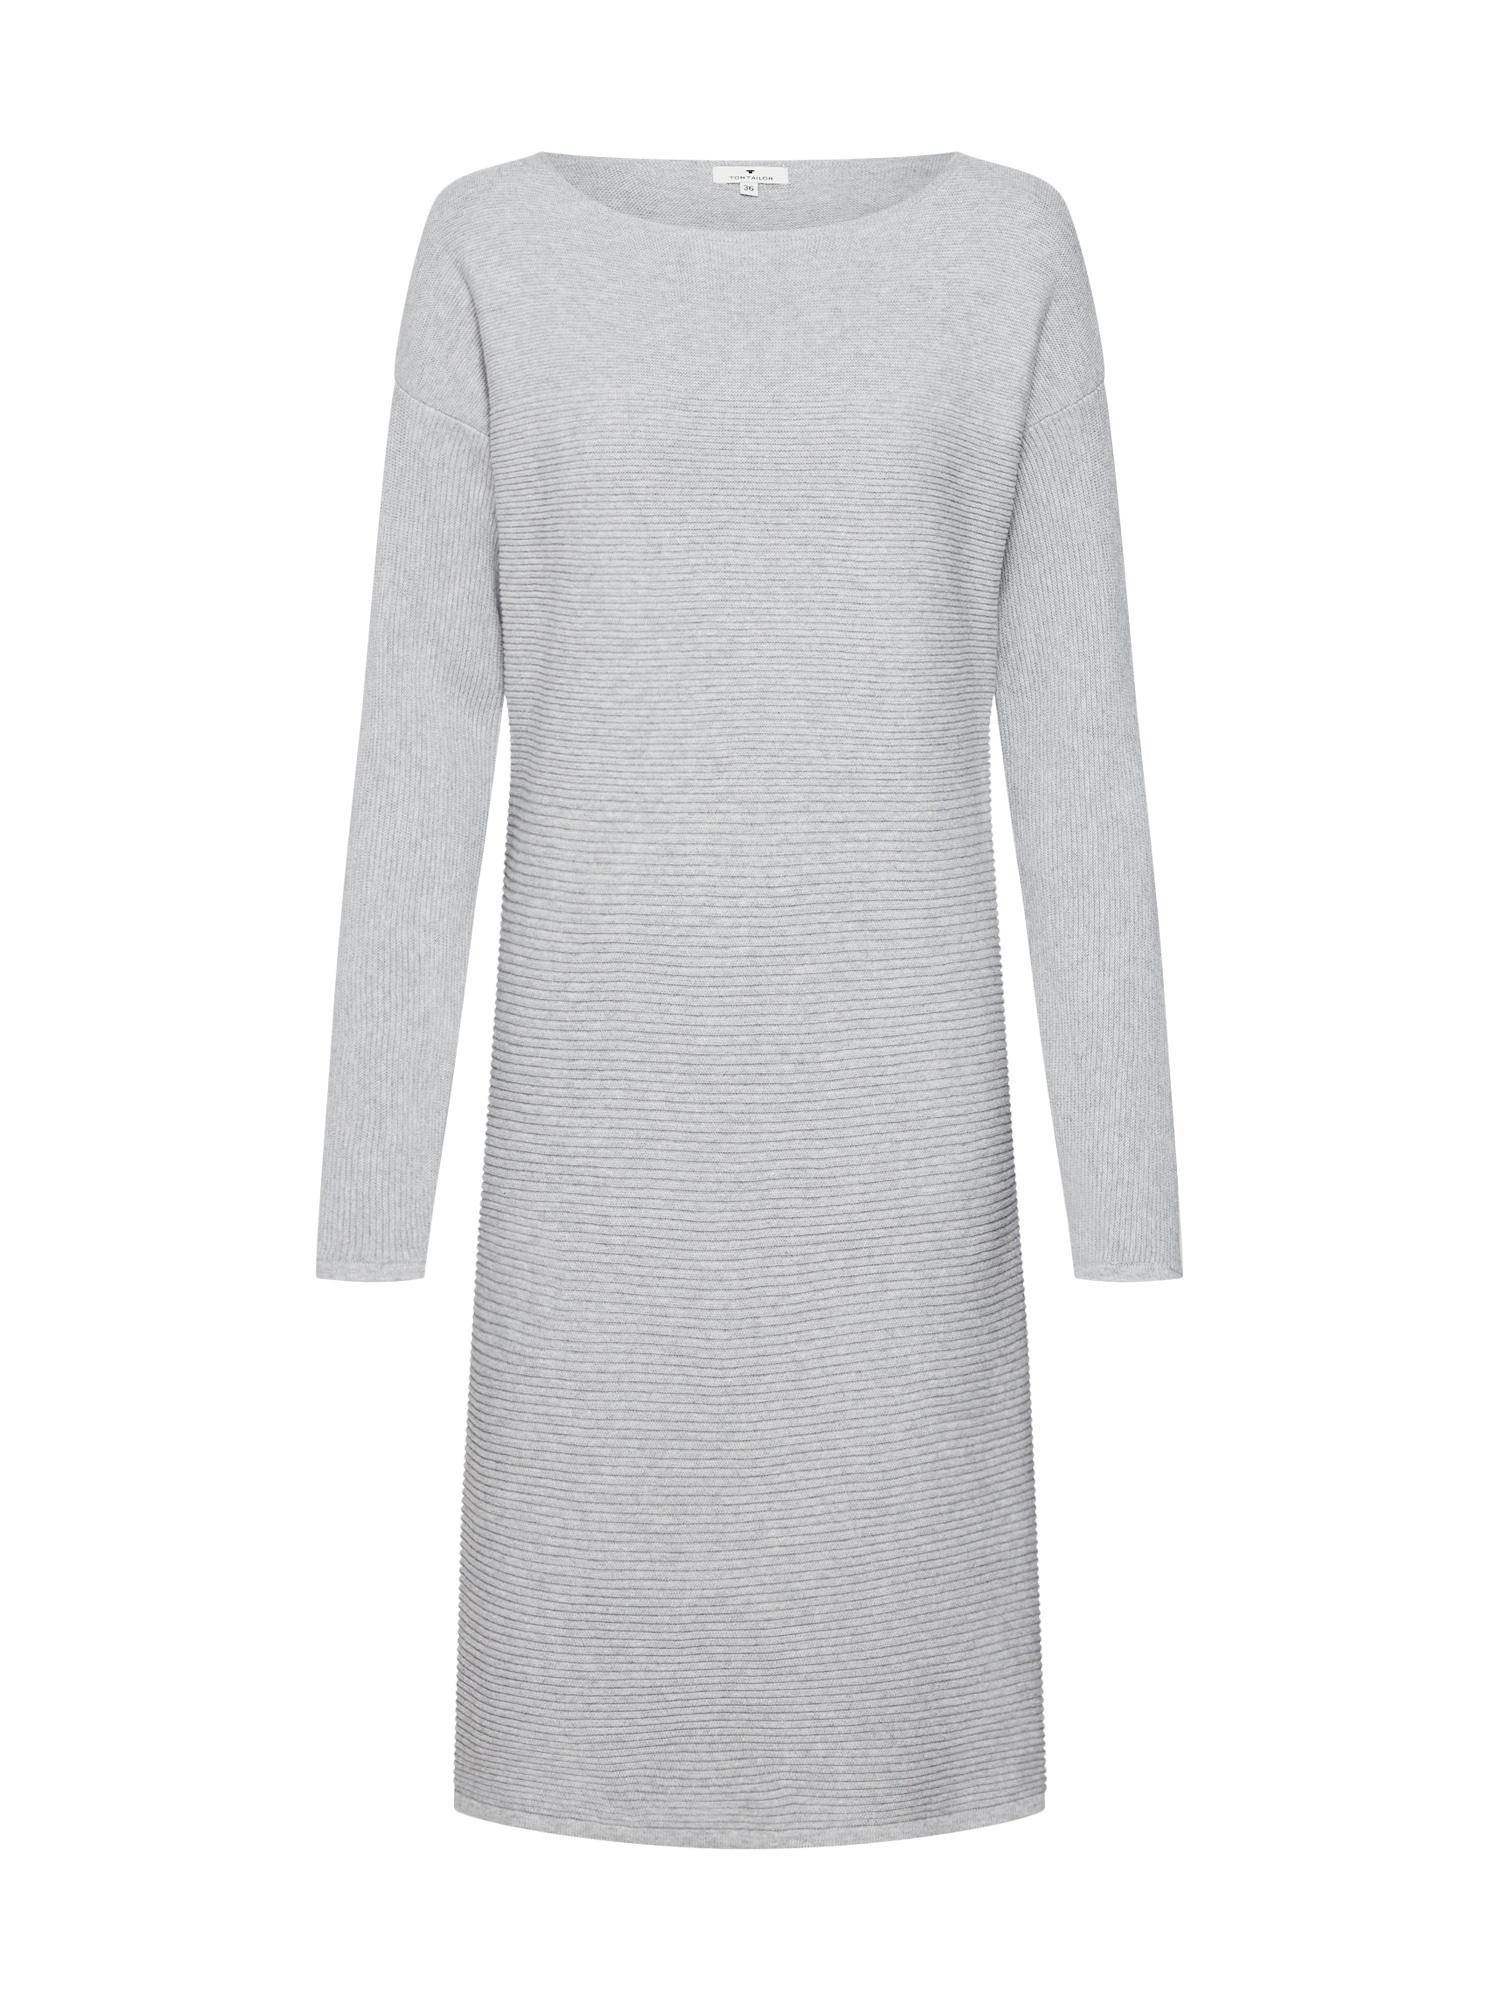 Šaty stříbrně šedá šedý melír TOM TAILOR